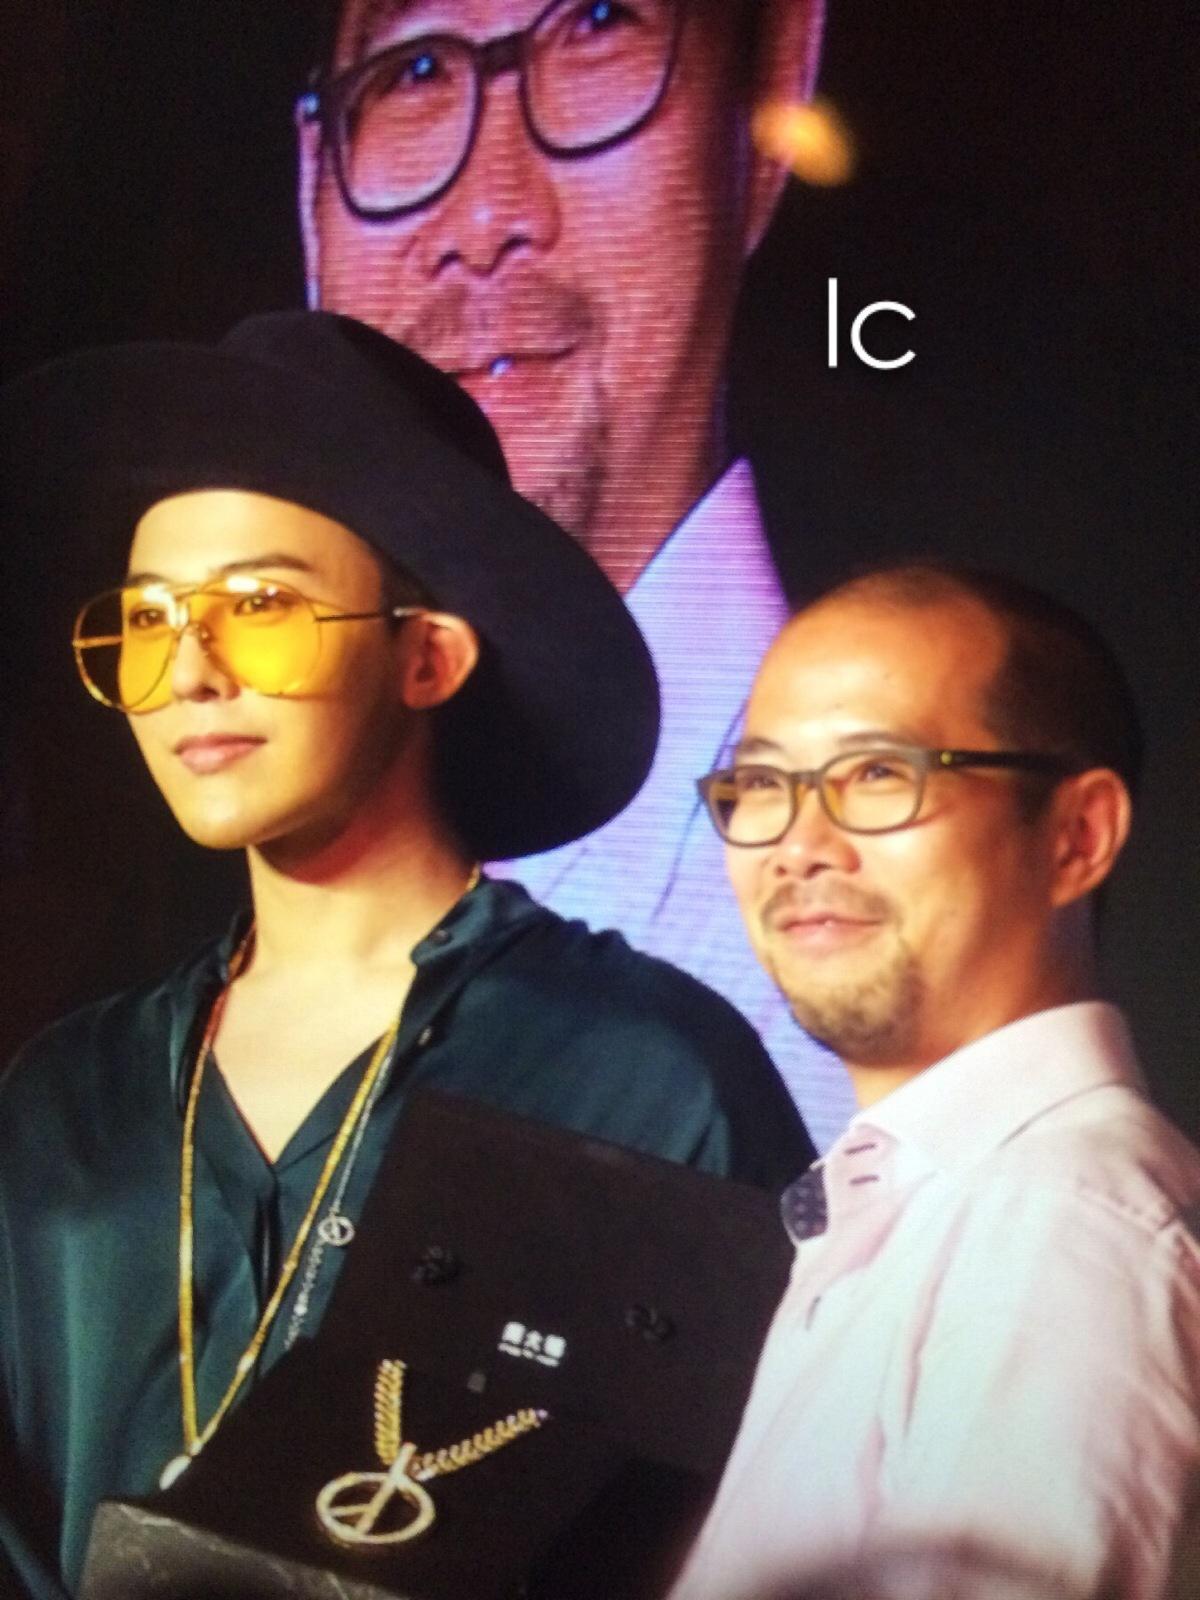 GD-ChowTaiFook-HK-FM-2-20141028_025.jpg